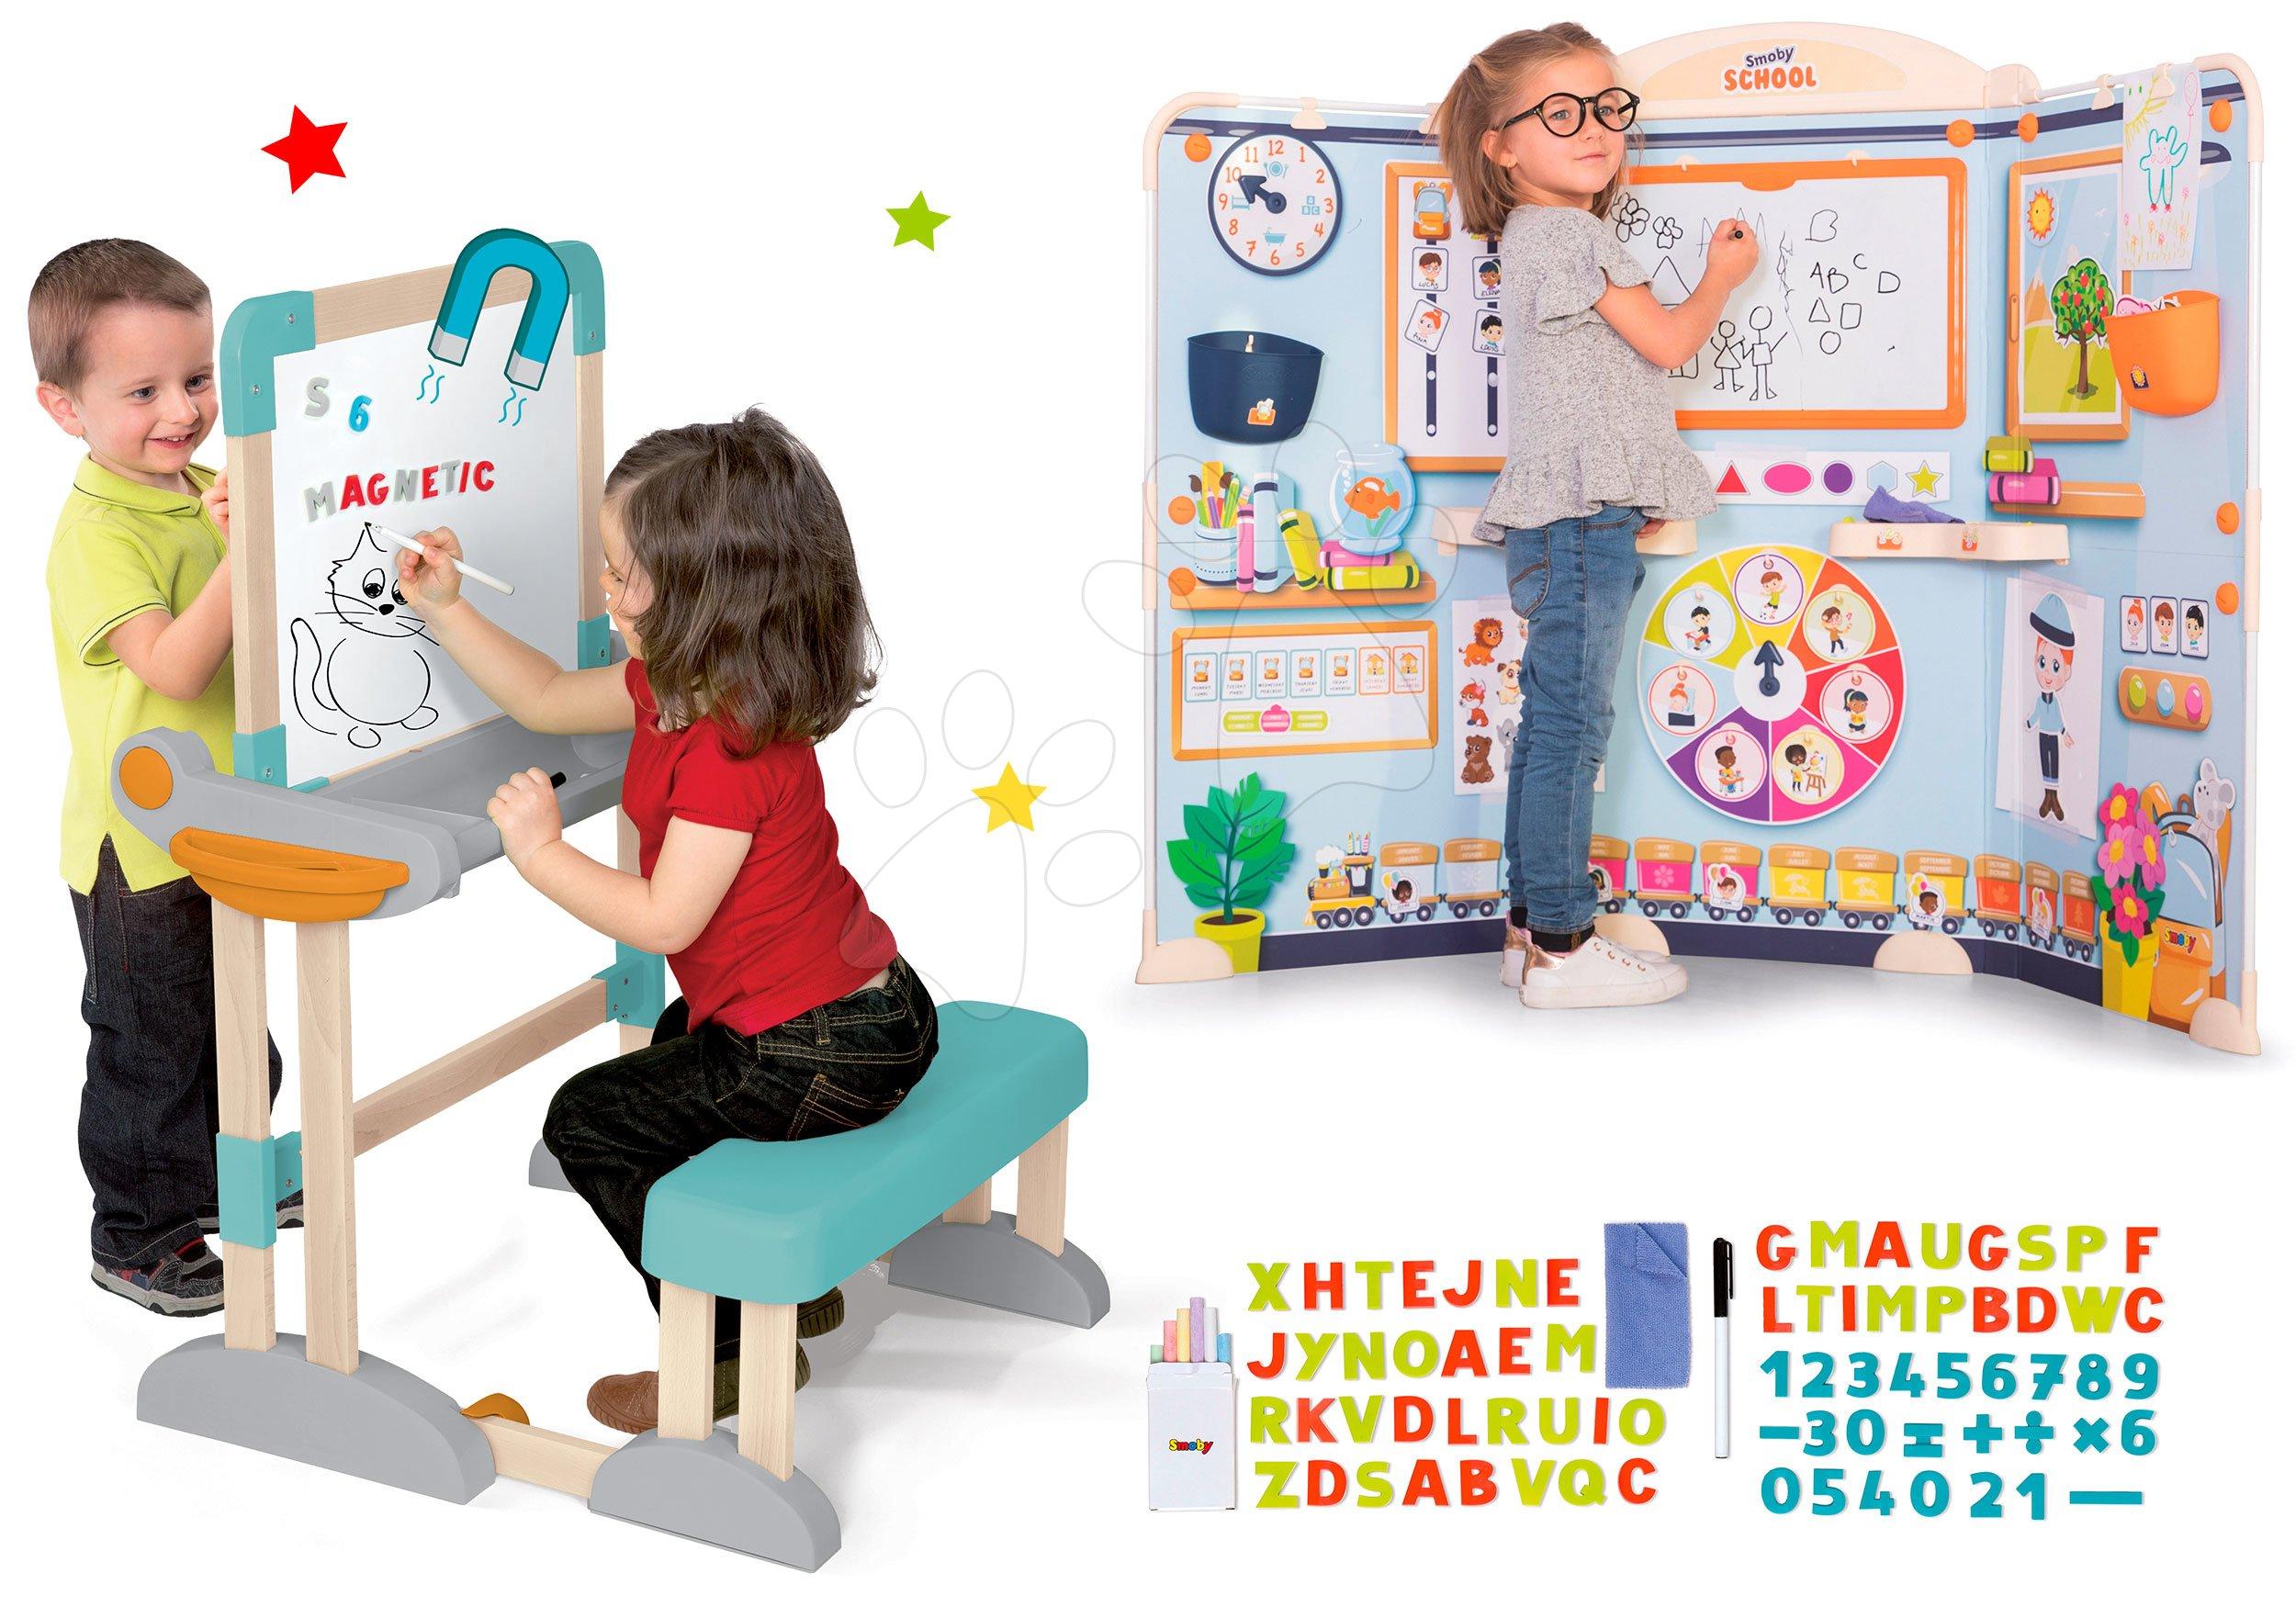 Set drevená lavica Modulo Space skladacia magnetická Smoby na kriedu a hra na školu učiteľ a žiak s náučnými hrami